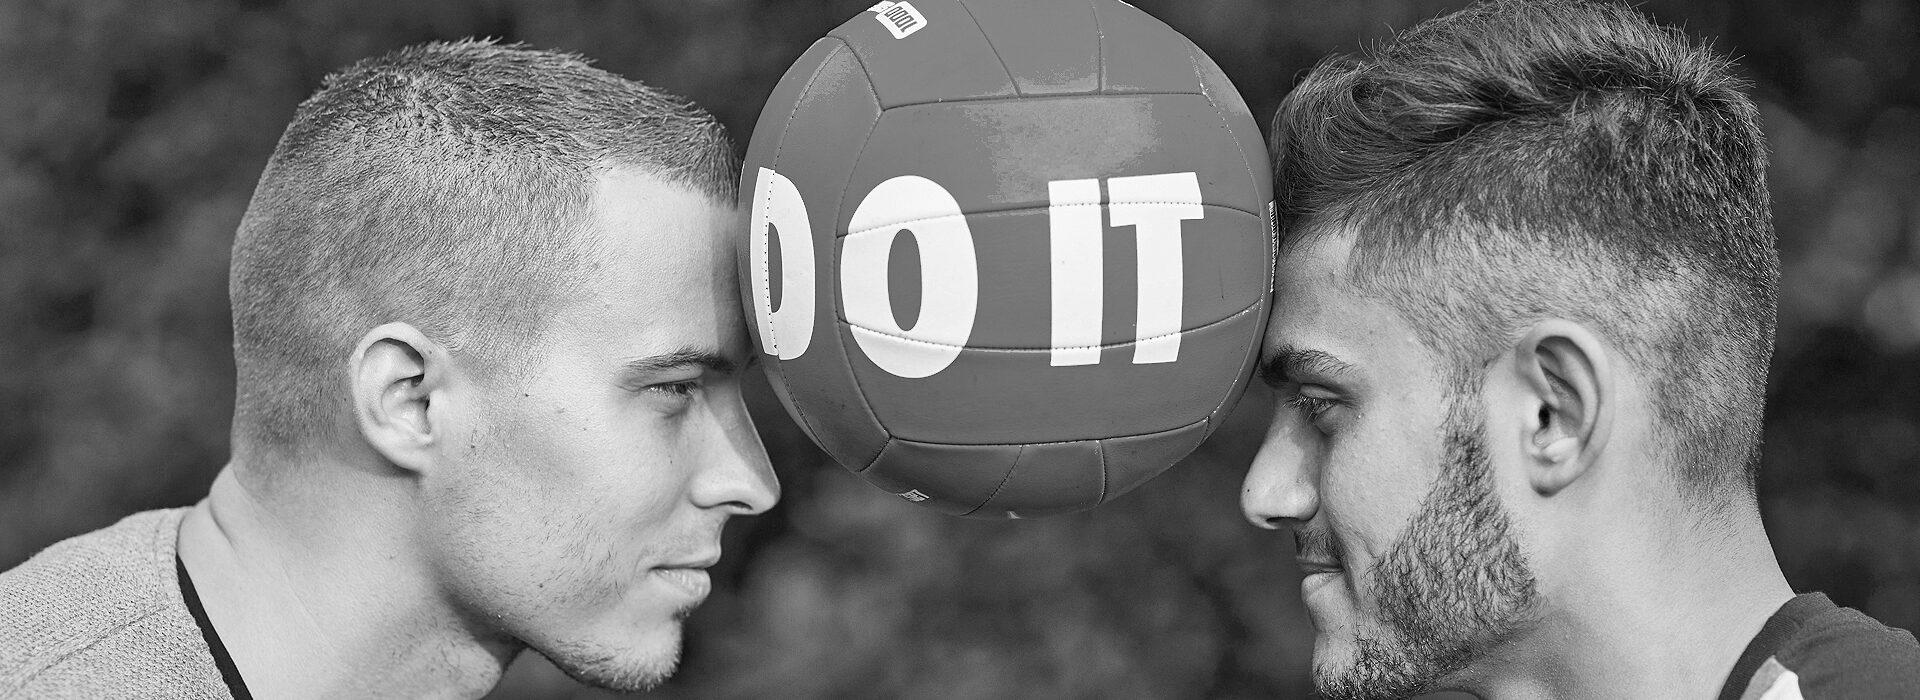 Foto: zwei Männer mit Ball